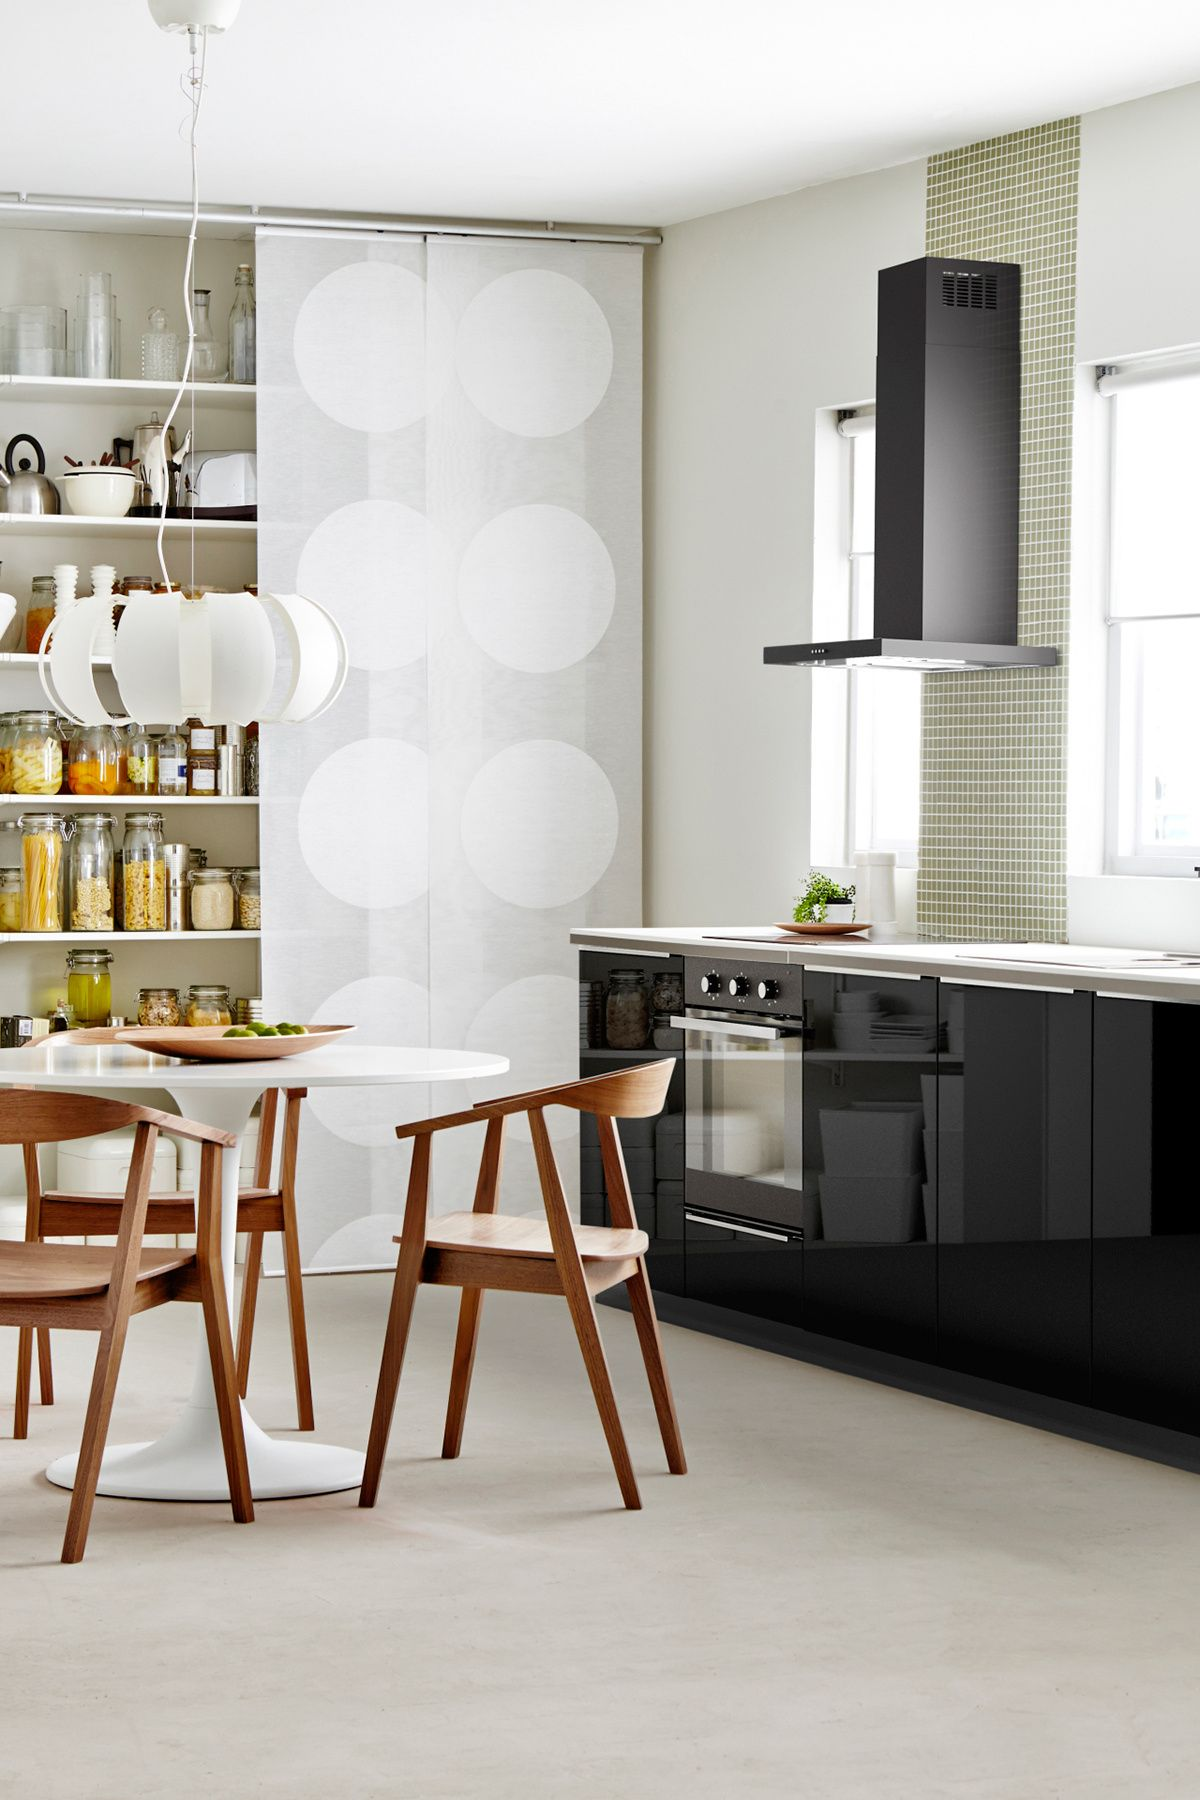 Ikea espa a dise o cocinas casa dise o - Ikea jardin espana tourcoing ...